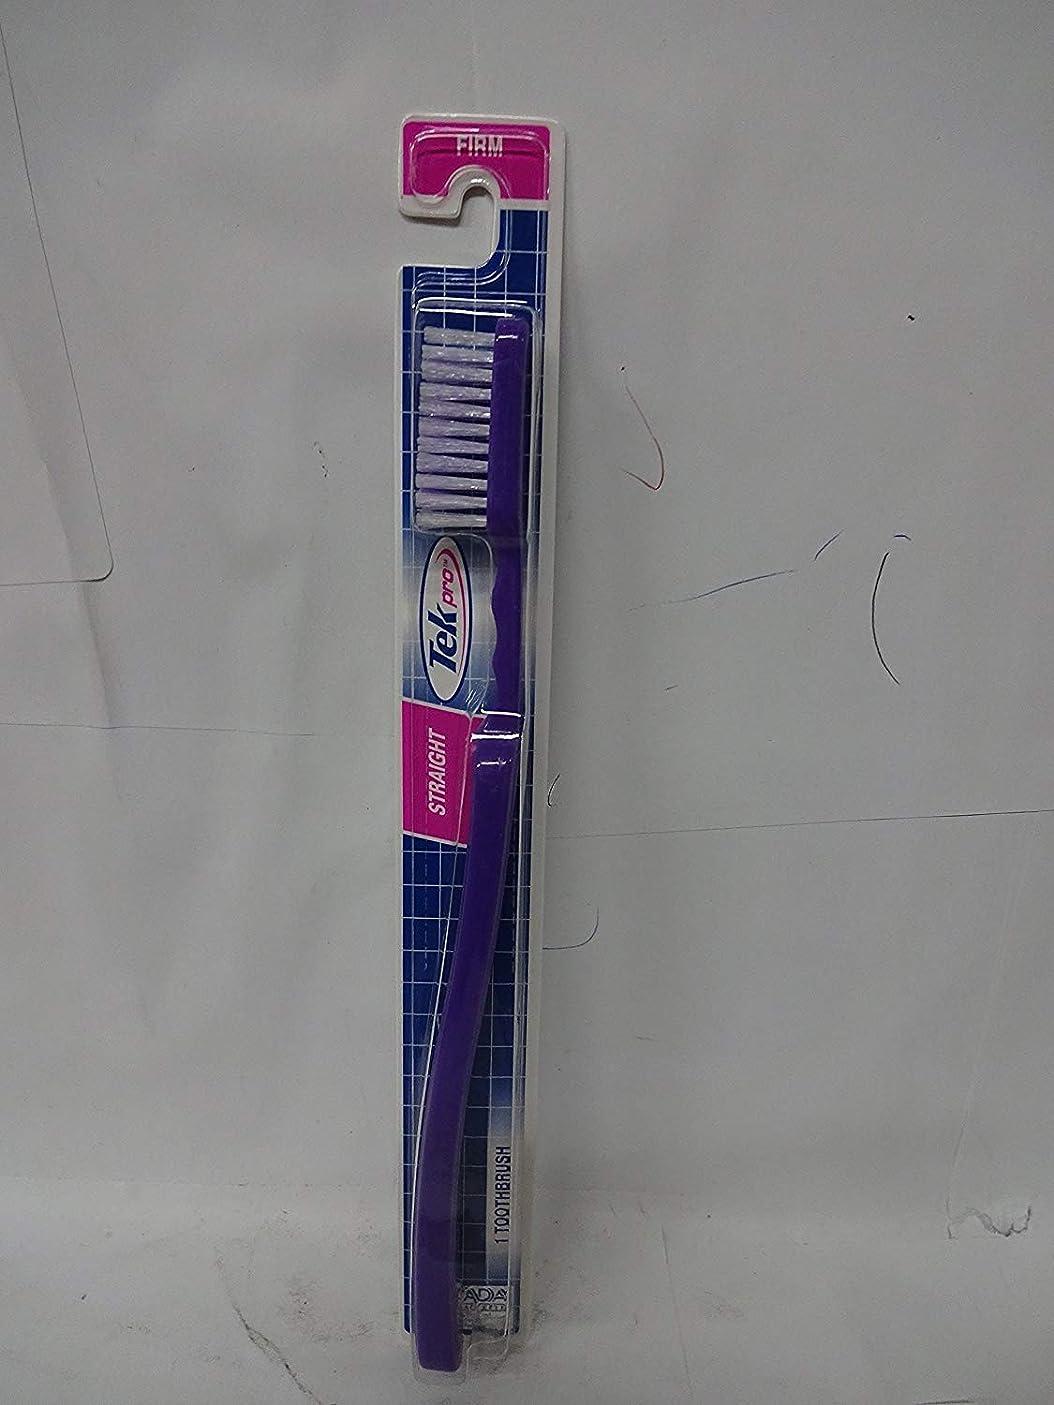 変更私達聖歌TEK 歯ブラシの企業規模1CT歯ブラシ、12パック 12のパック